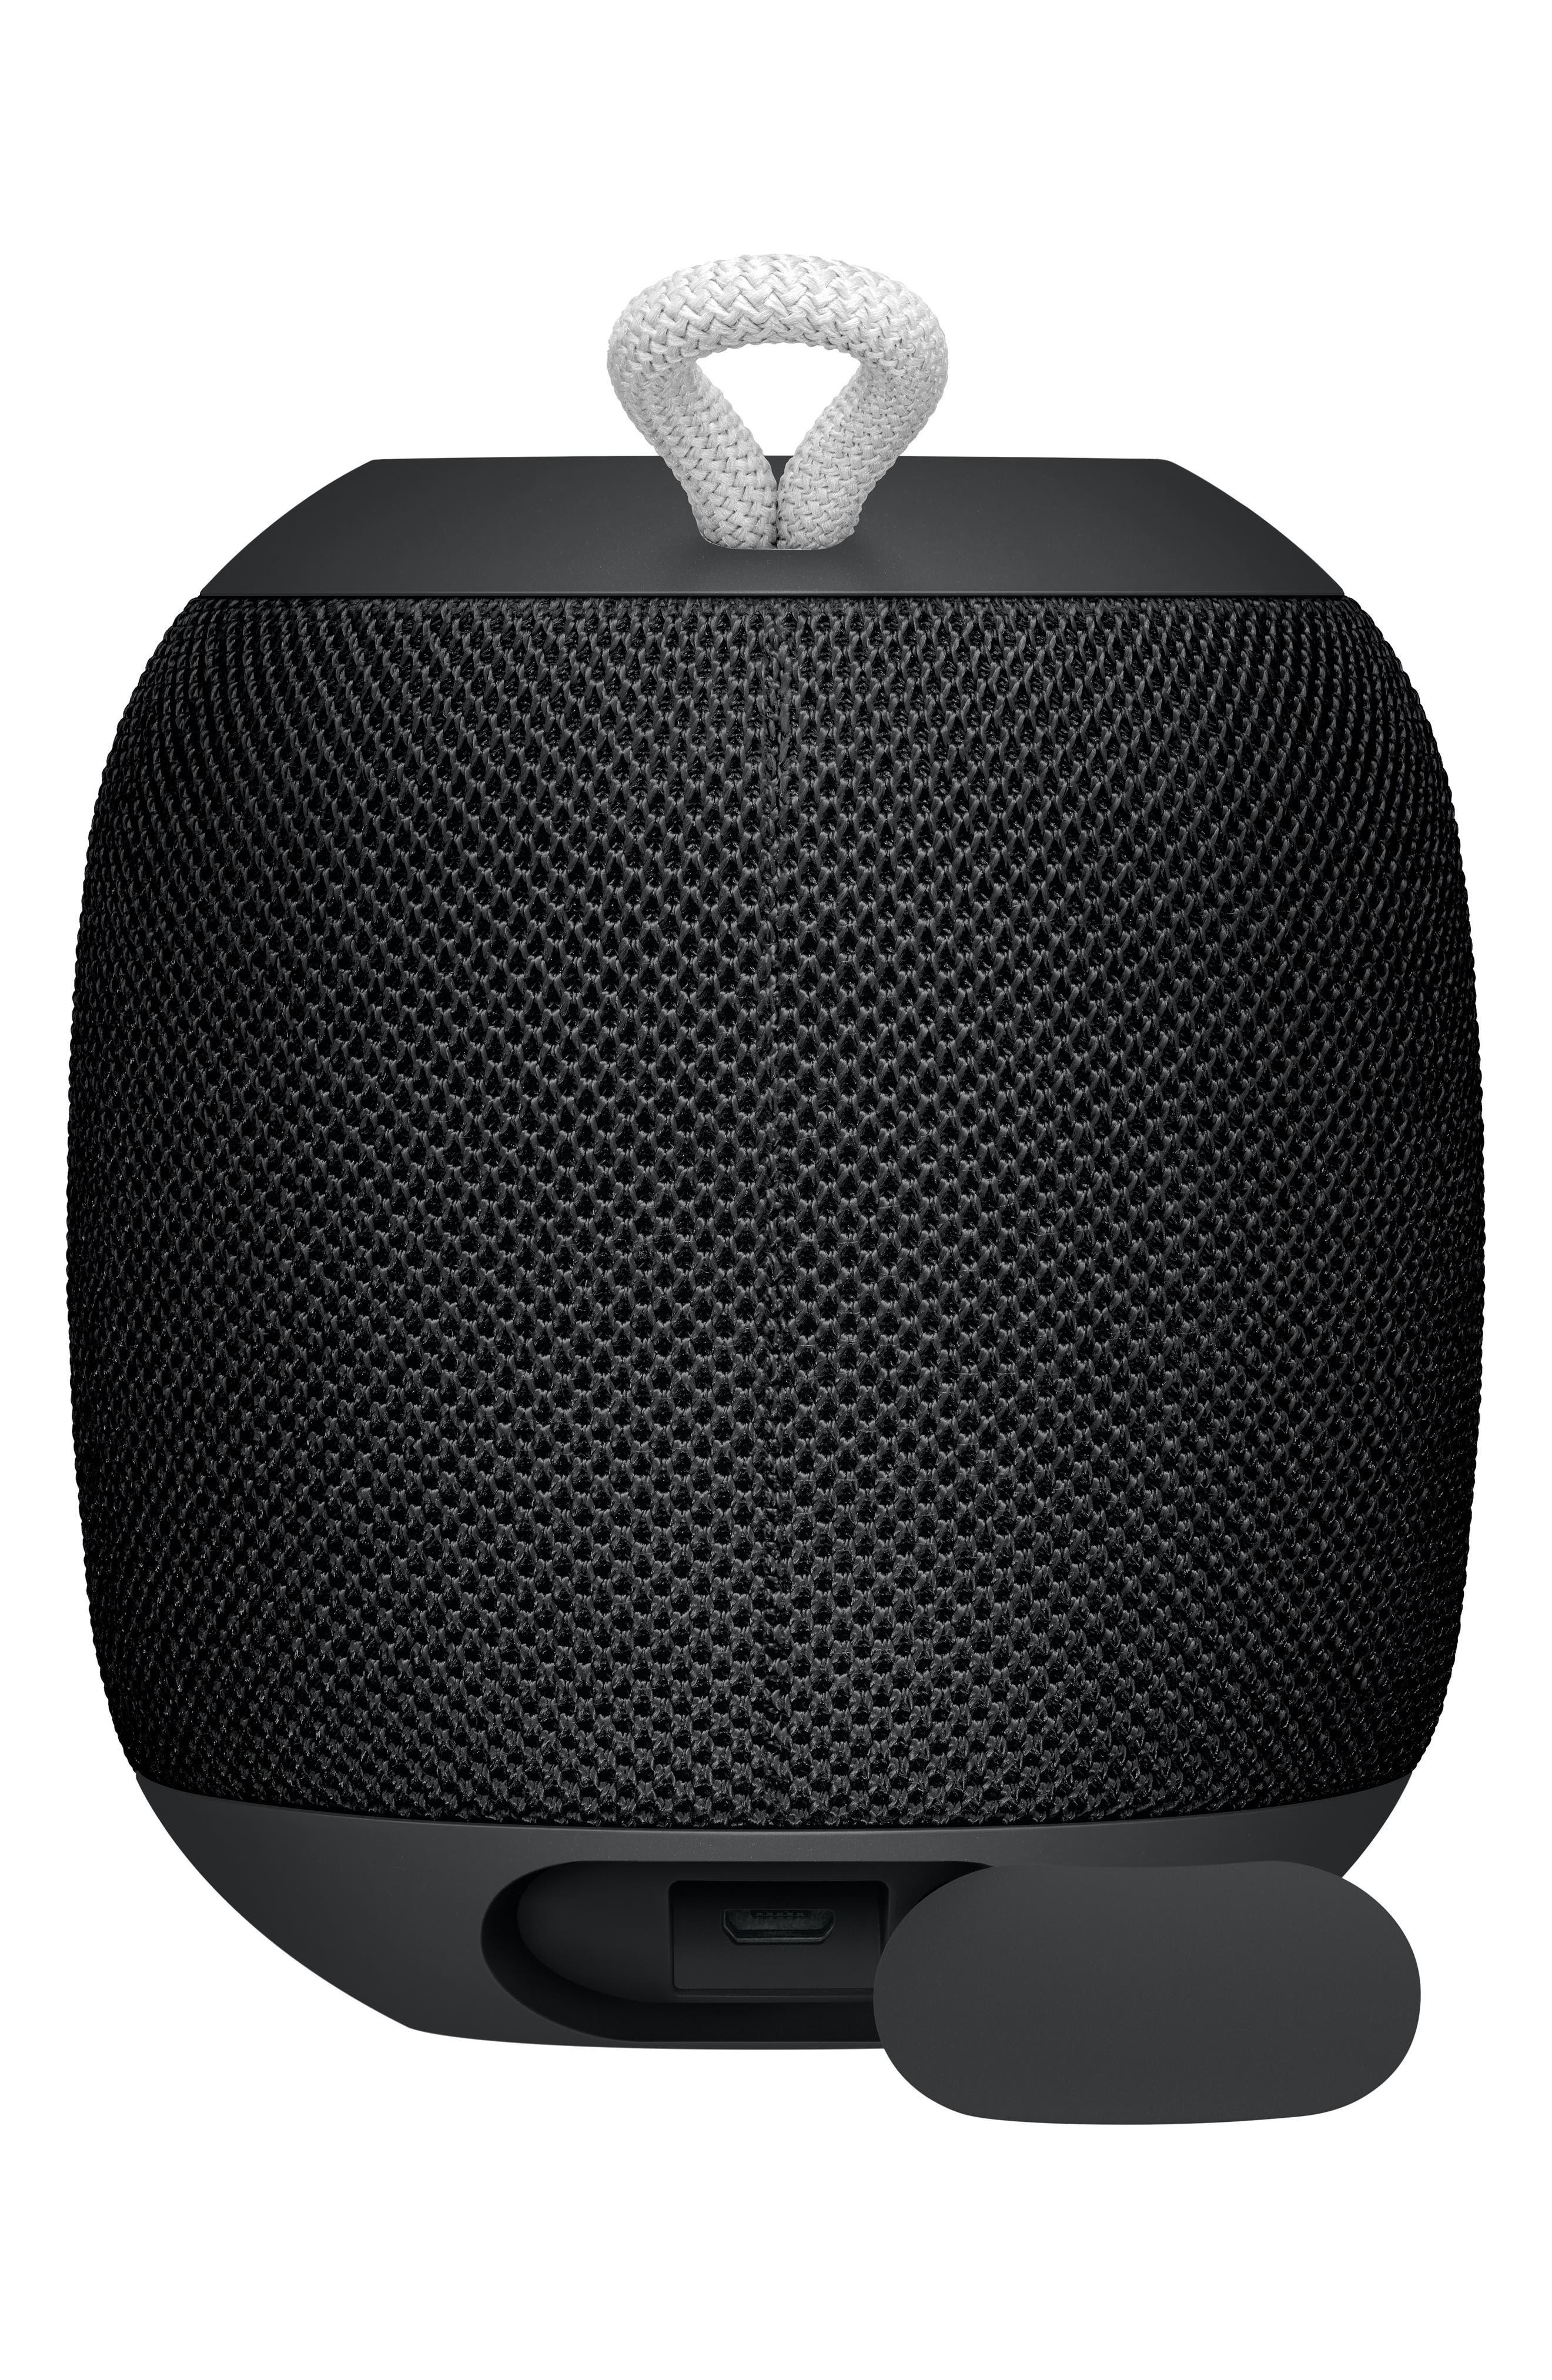 Ultimate Ears Wonderboom Portable Waterproof Bluetooth Speaker,                             Alternate thumbnail 8, color,                             Phantom Black